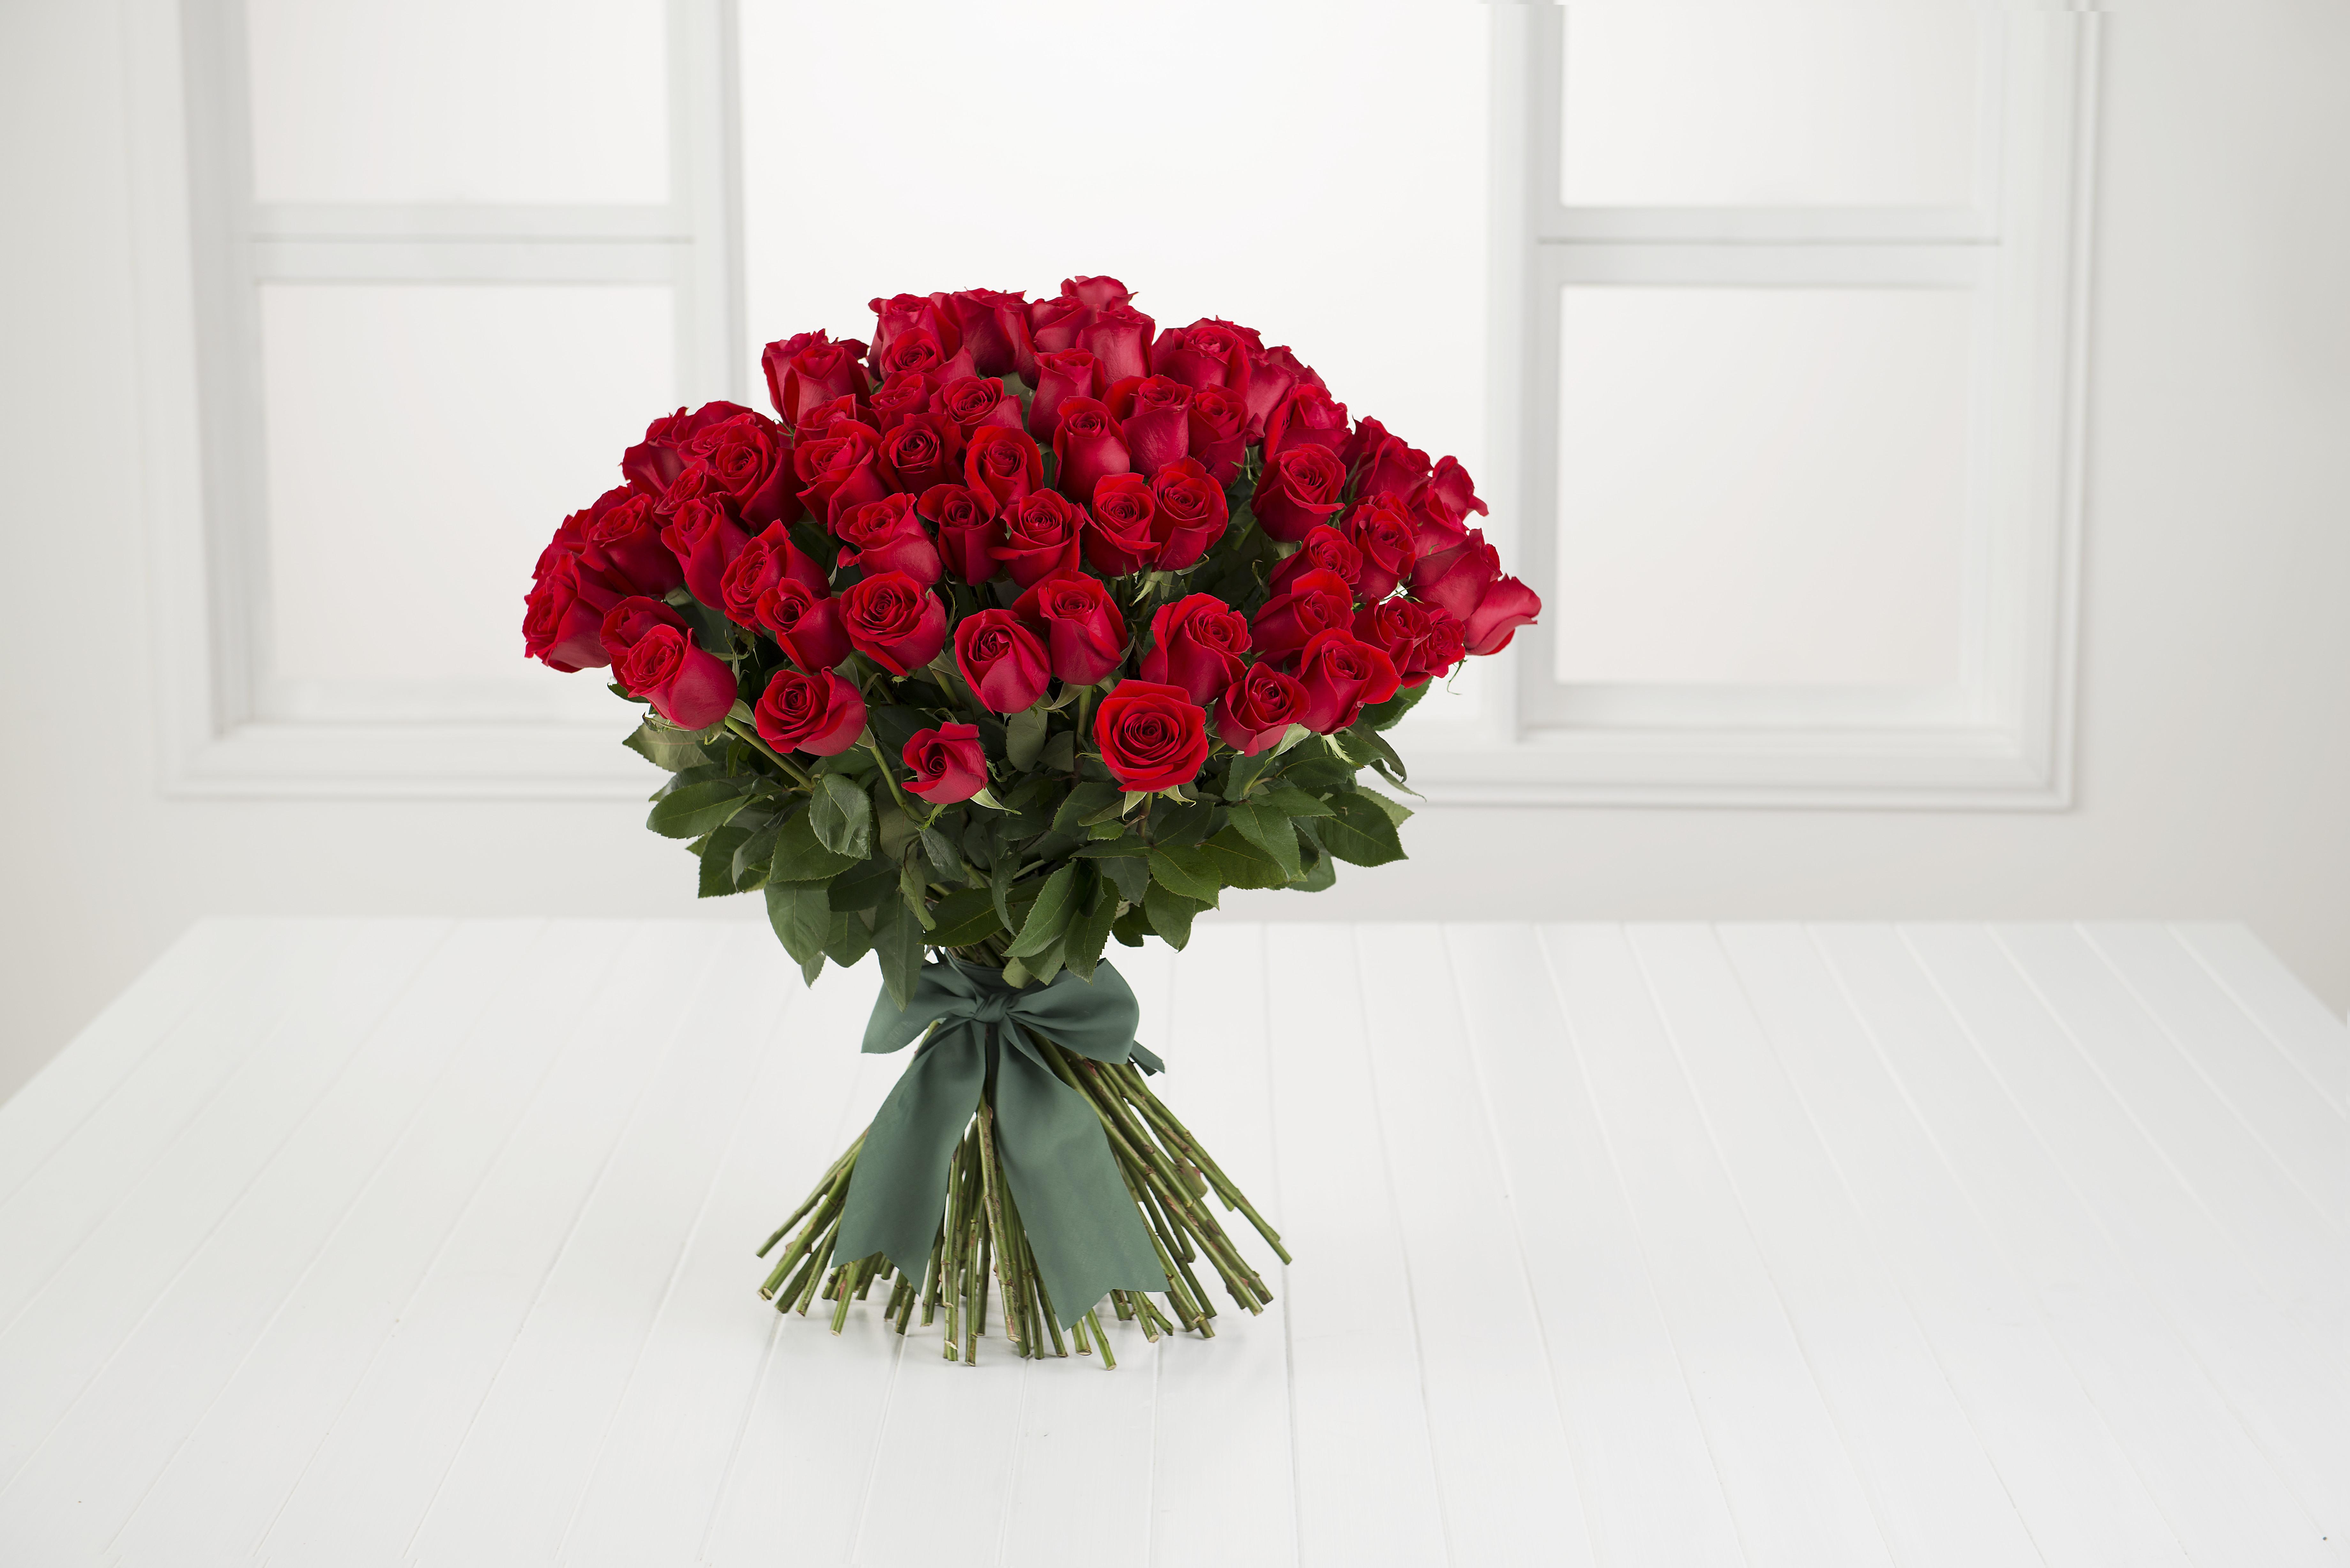 Roses Only founder James Stevens